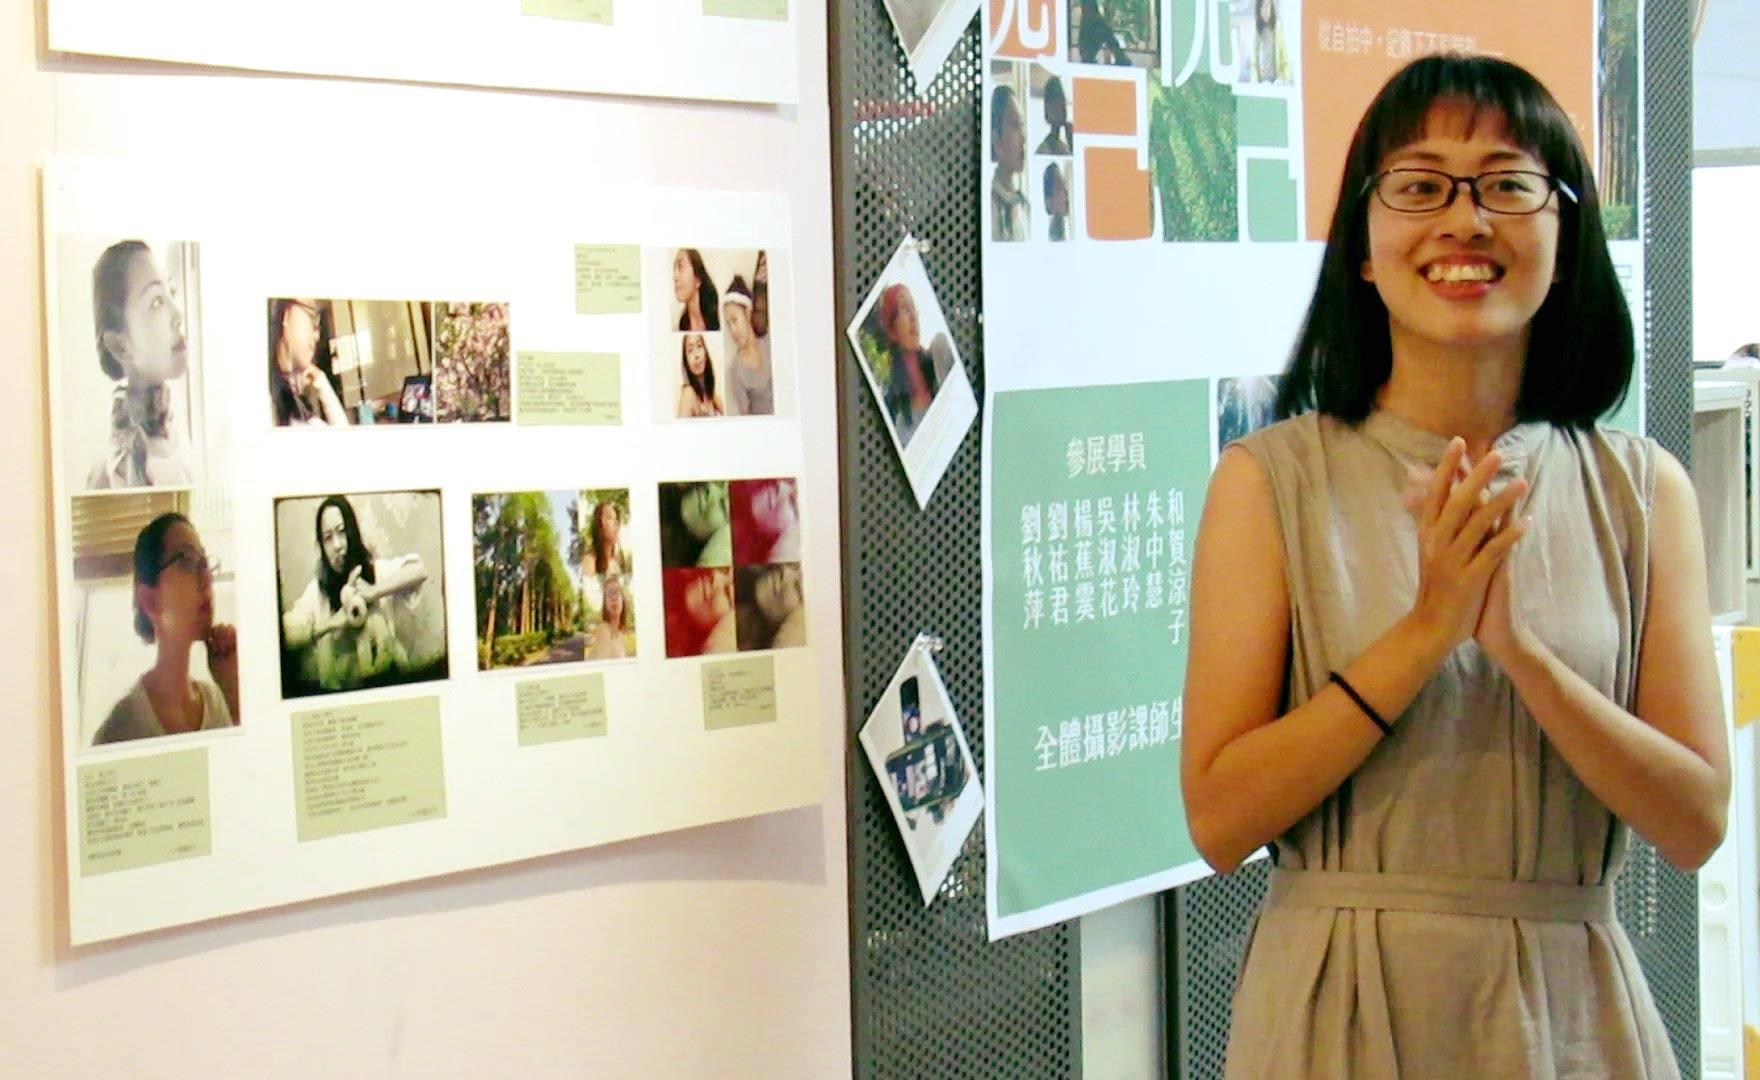 自拍成果展-學員和賀涼子向大家介紹自己的作品